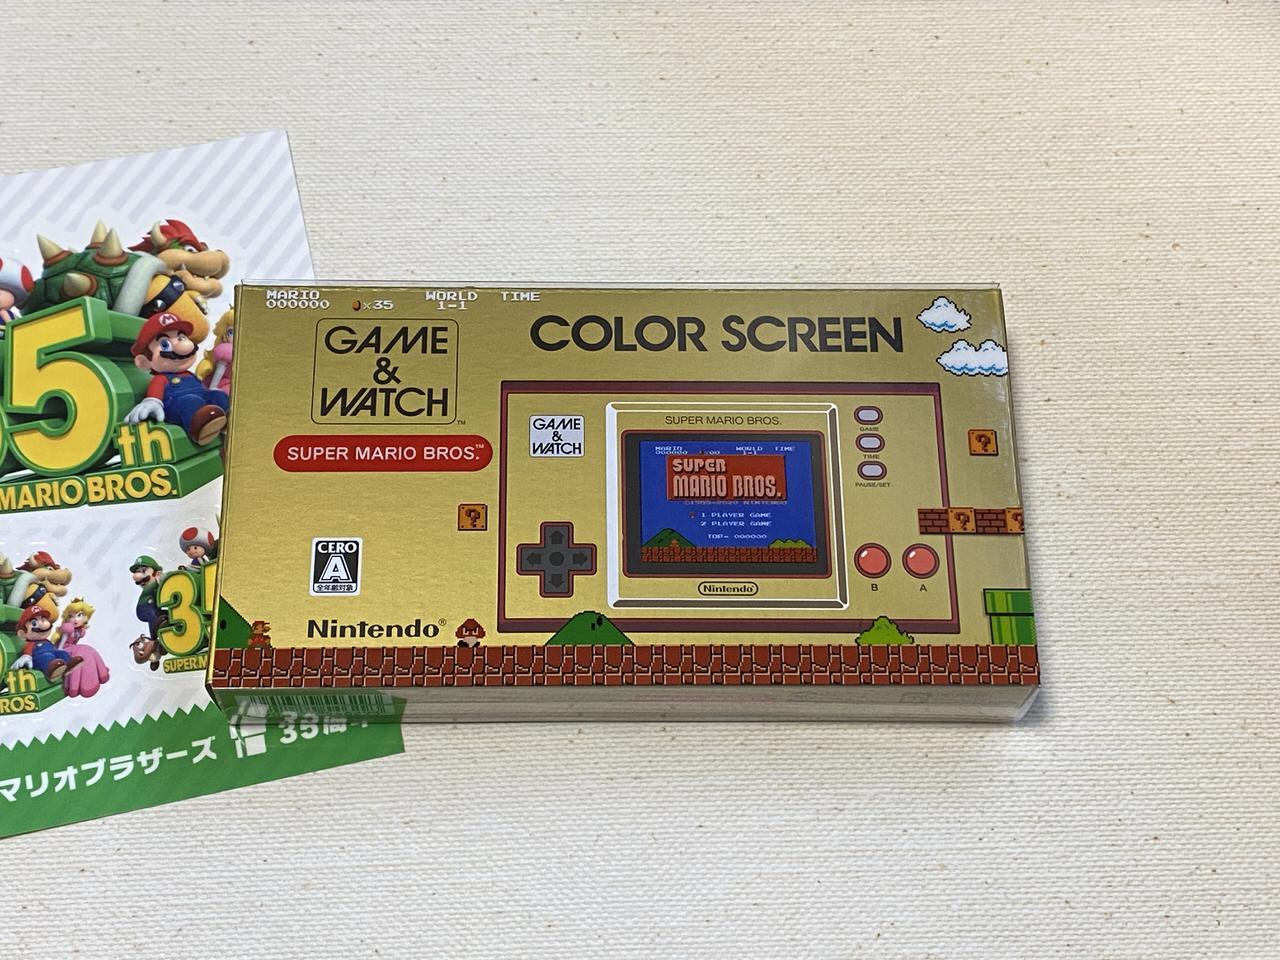 ゲーム&ウオッチ スーパーマリオブラザーズ 35th 202011 03